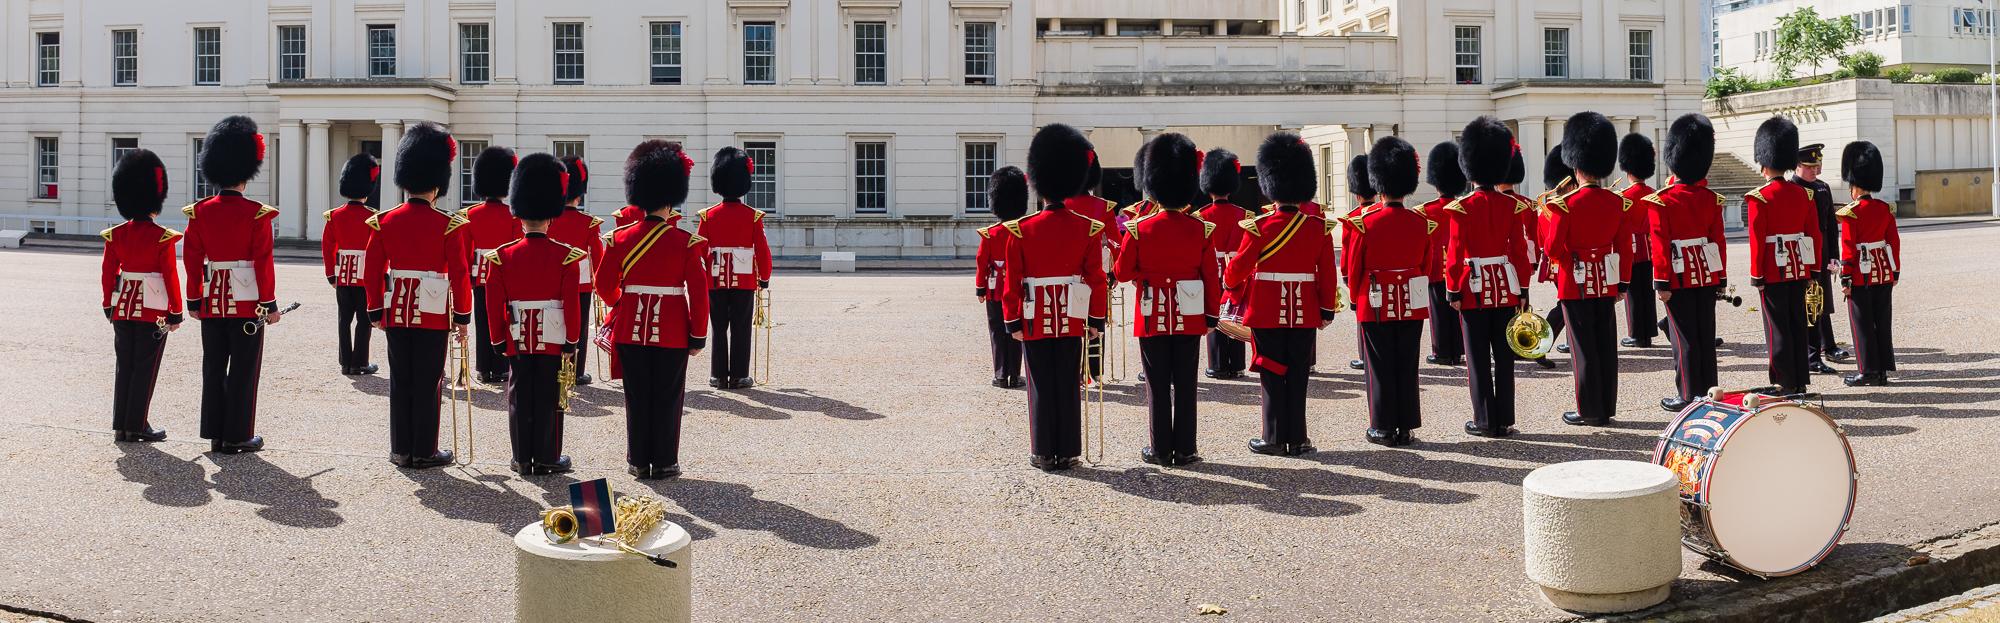 Ensayando para el cambio de guardia de Buckingham Palace.